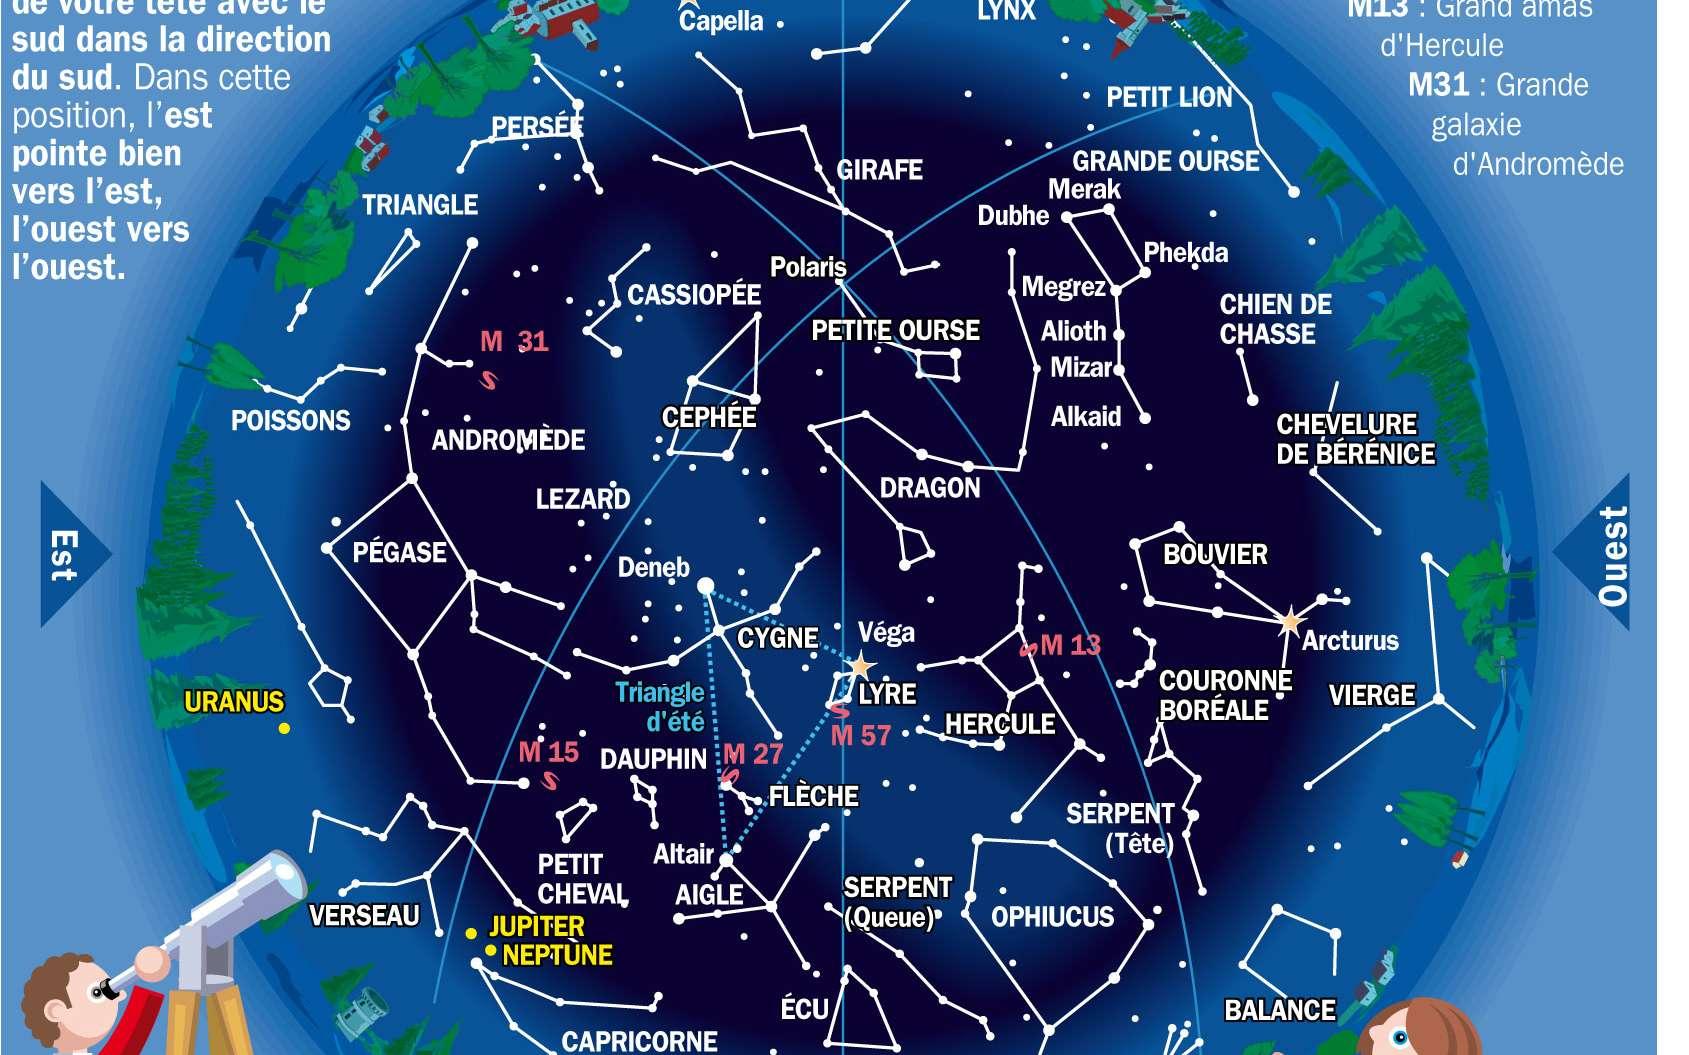 Le GPS de la voûte céleste ! Comme l'indique la légende, soulevez la carte pour la regarder par dessous et orientez son côté sud vers le sud. Seules les principales constellations sont indiquées, ainsi que le Triangle d'été, qui n'en est pas une, mais simplement la figure formée par trois étoiles très lumineuse du ciel d'été, Altaïr (constellation de l'Aigle), Deneb (Cygne) et Véga (Lyre). Les sigles en rouge (M13, M27...) indiquent les nébuleuses répertoriées dans le catalogue de Messier. © IDE